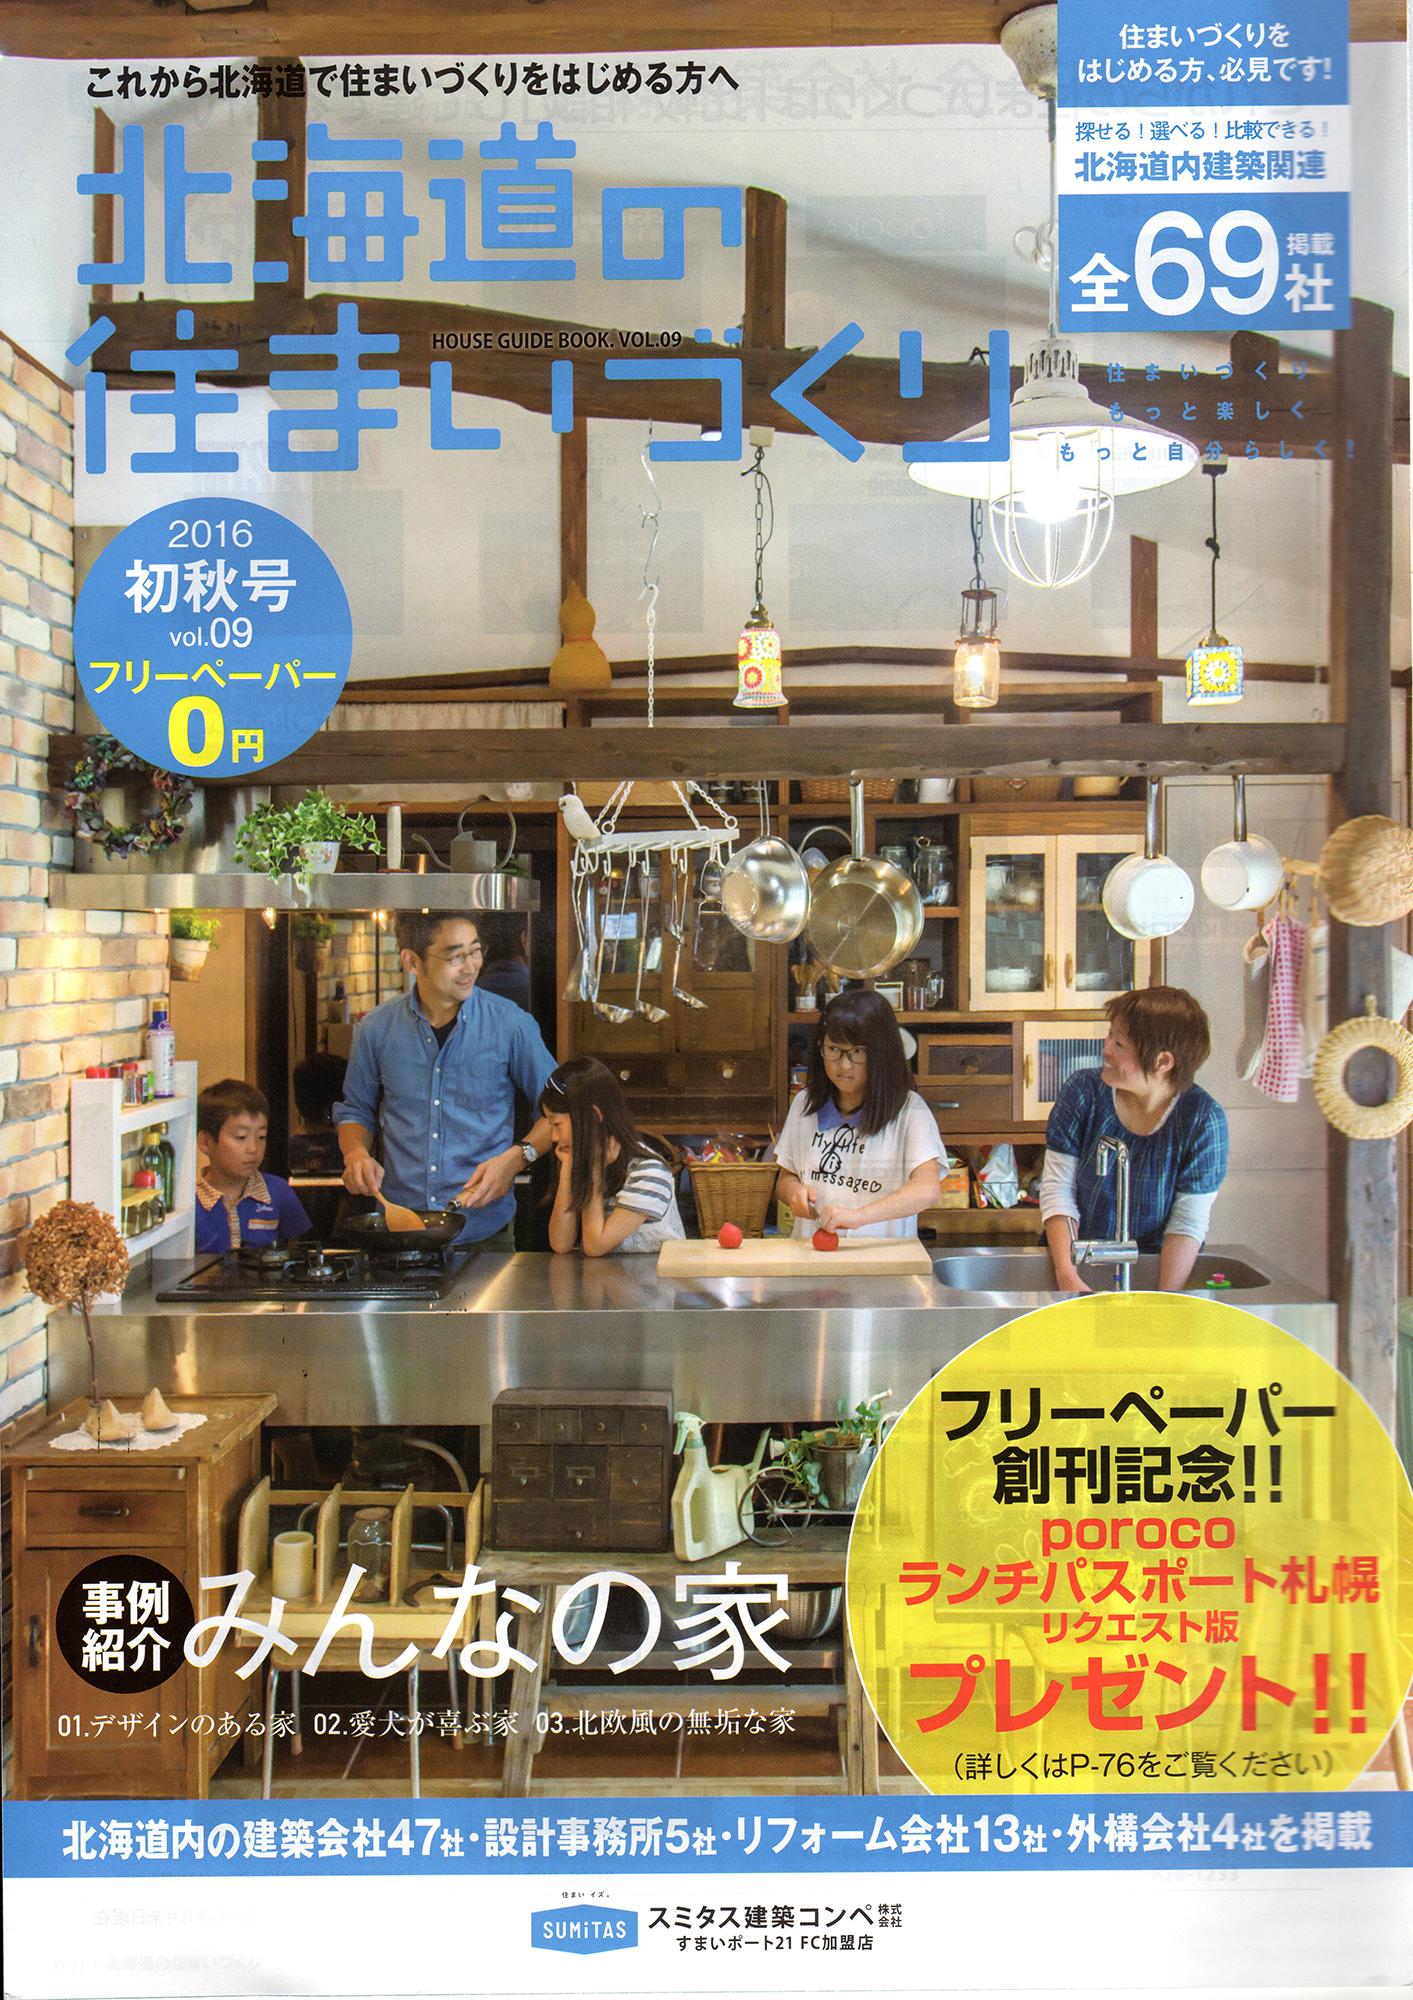 會社案內 | 中島建築設計事務所(札幌)